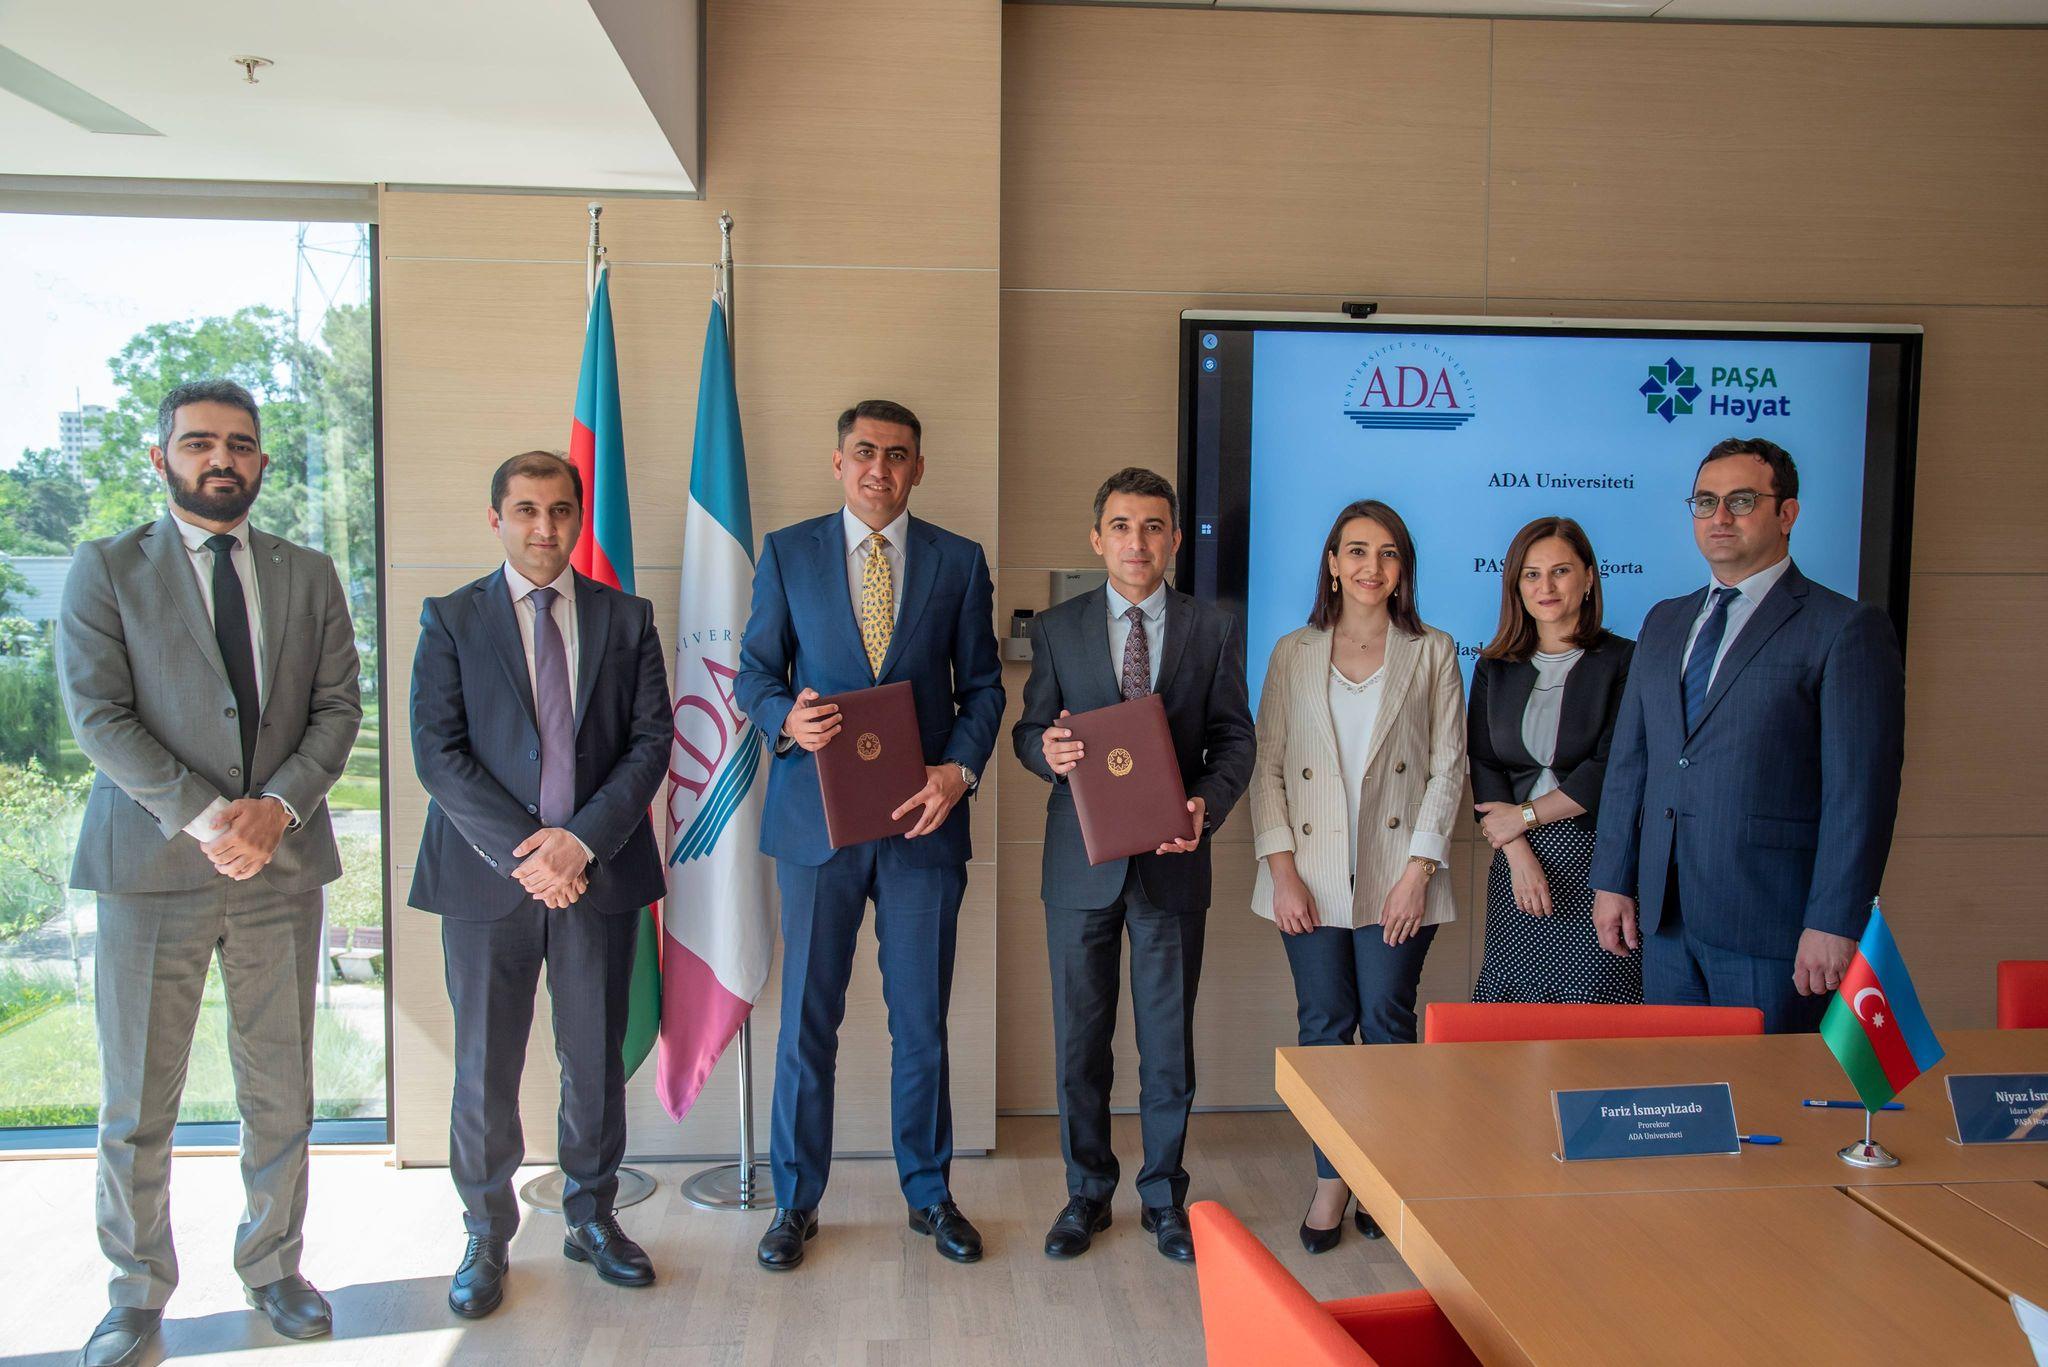 PASHA Life и ADA University подписали меморандум о сотрудничестве